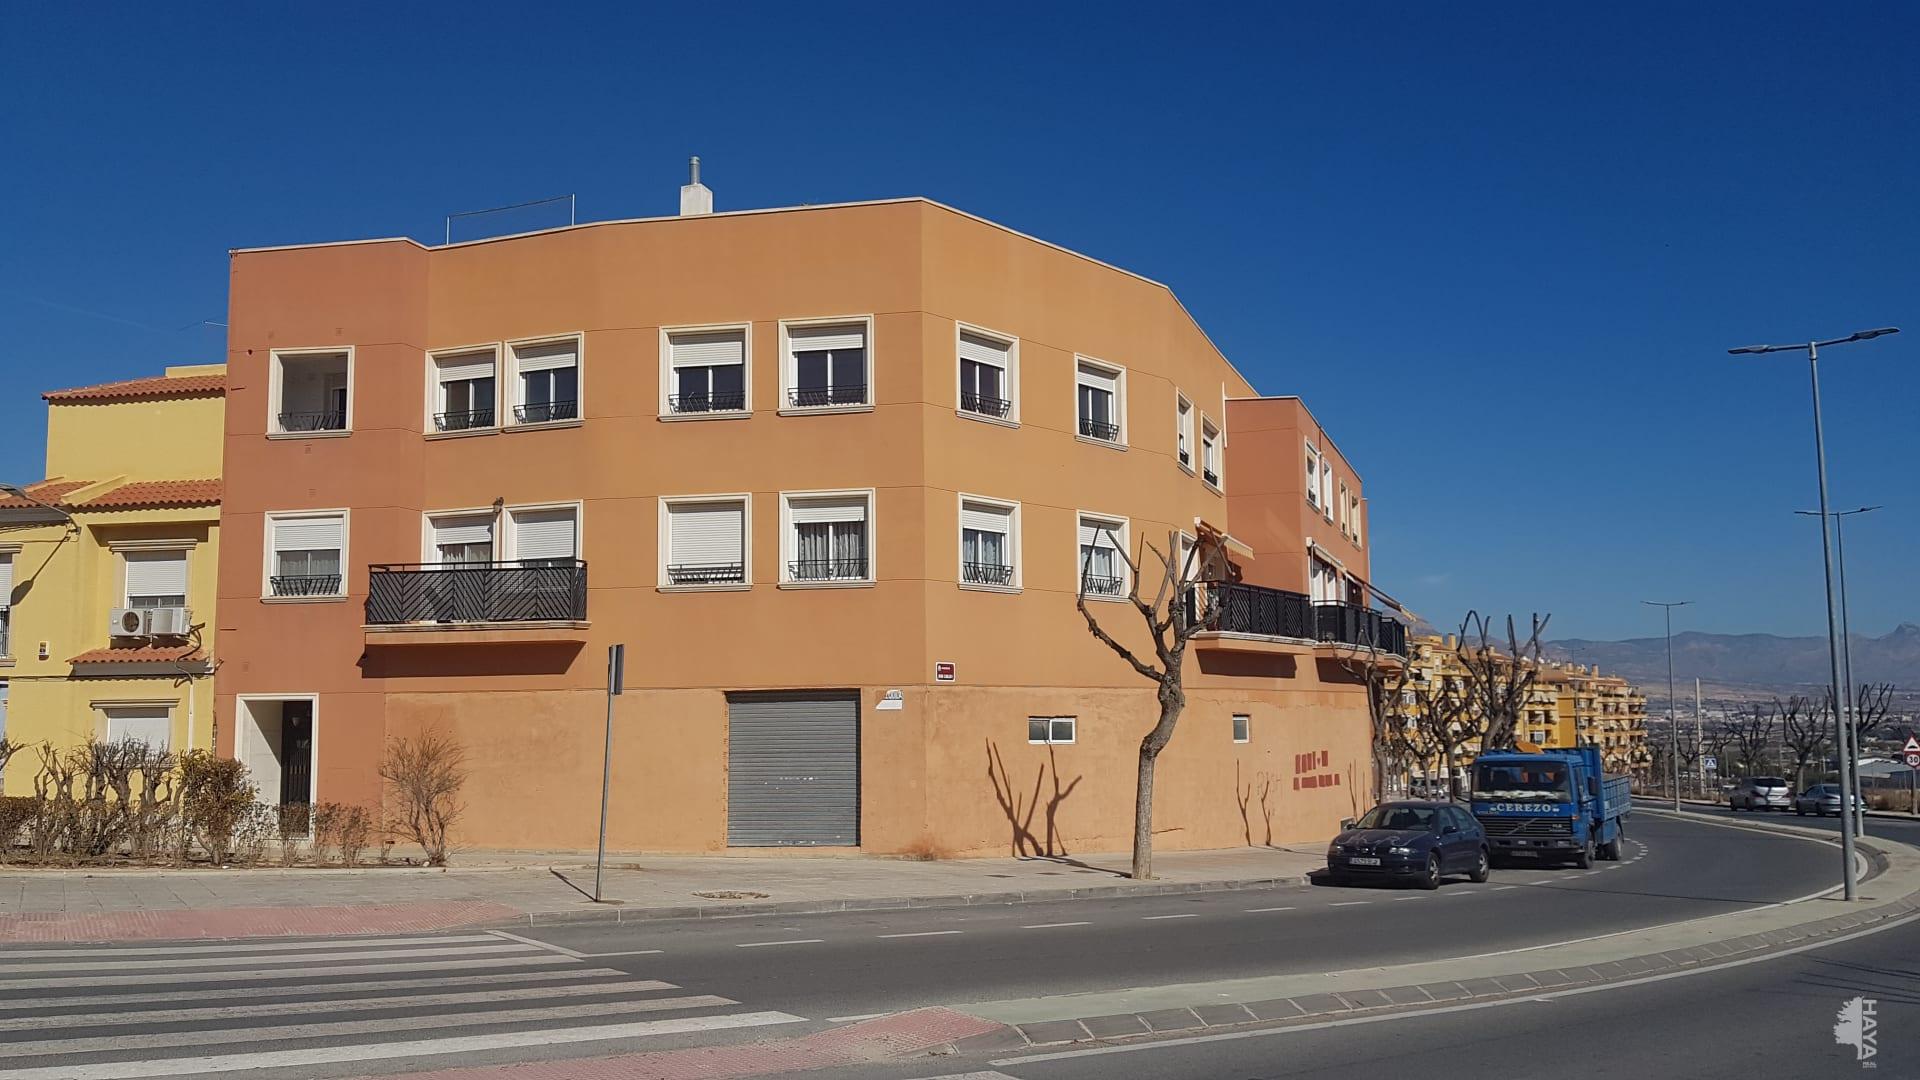 Piso en venta en Aspe, Alicante, Avenida Juan Carlos I, 88.433 €, 3 habitaciones, 2 baños, 106 m2